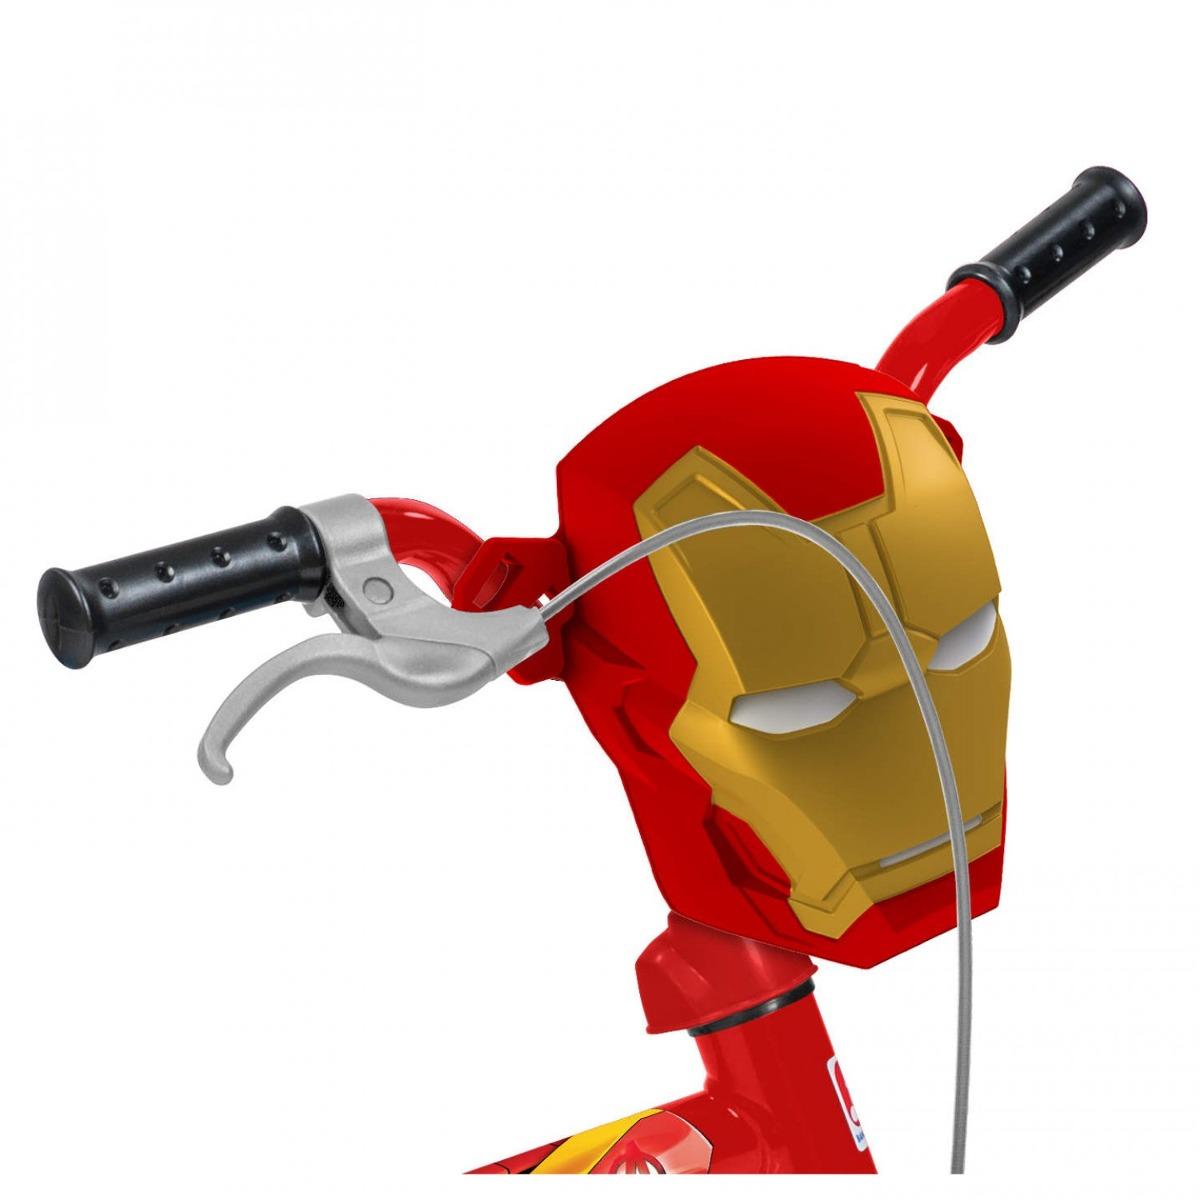 52a9826c0 bicicleta aro 12 homem de ferro brinquedos bandeirante fwt. Carregando zoom.